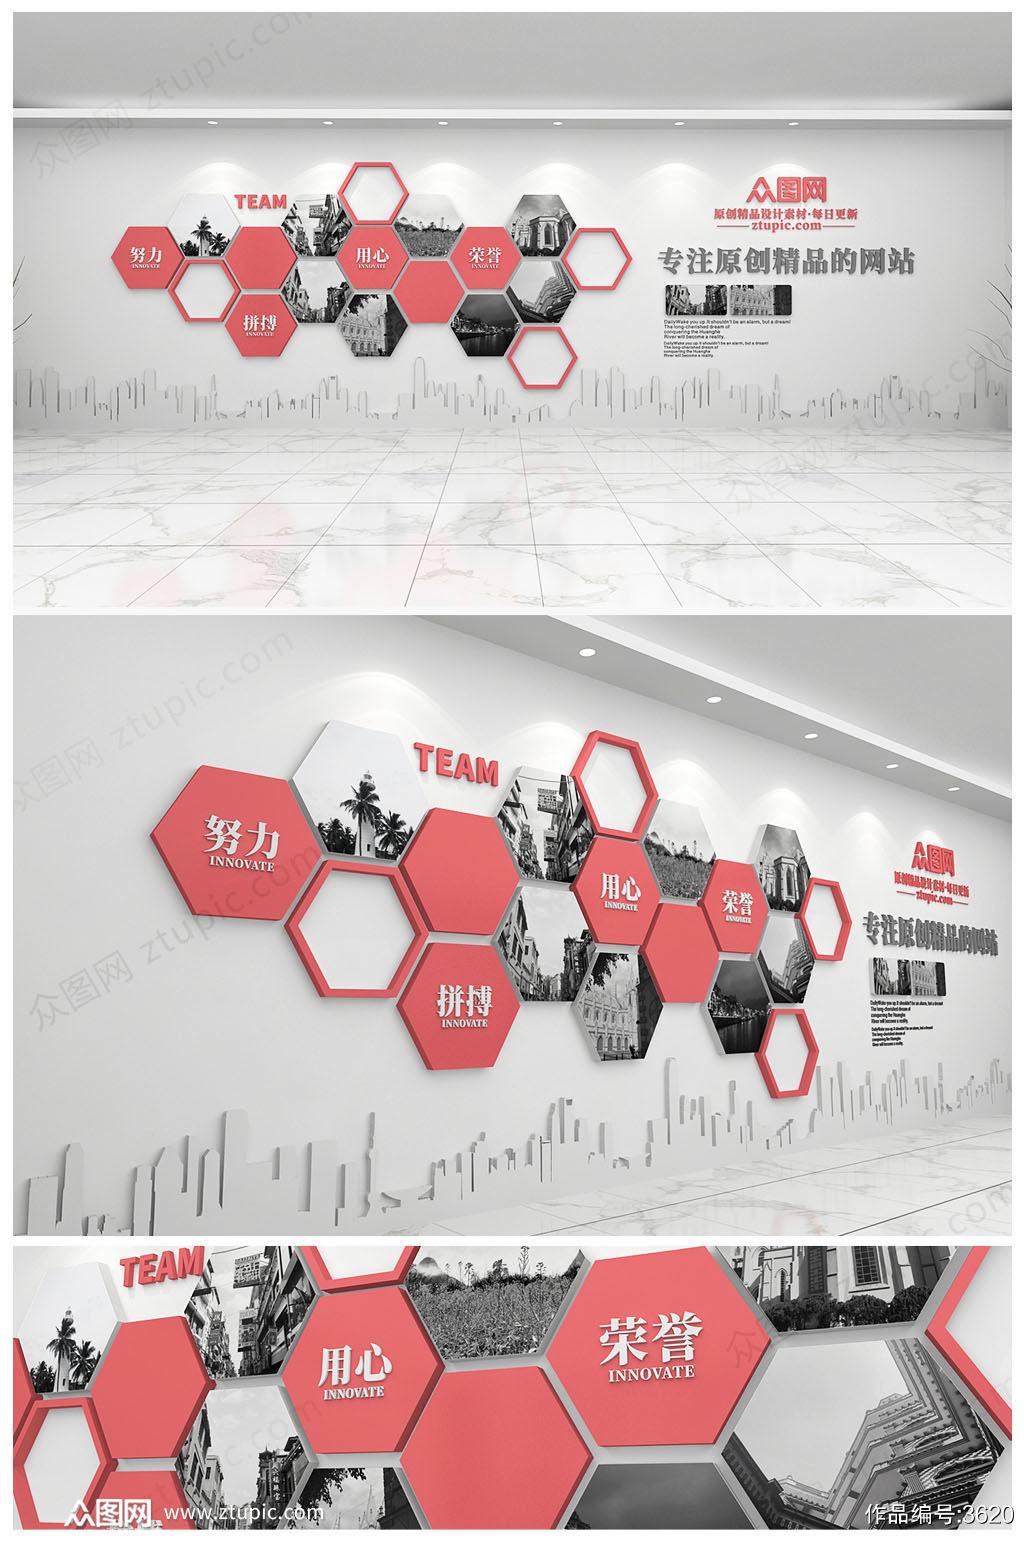 创意亮相台企业先进个人照片墙 员工风采成员简介形象墙设计素材